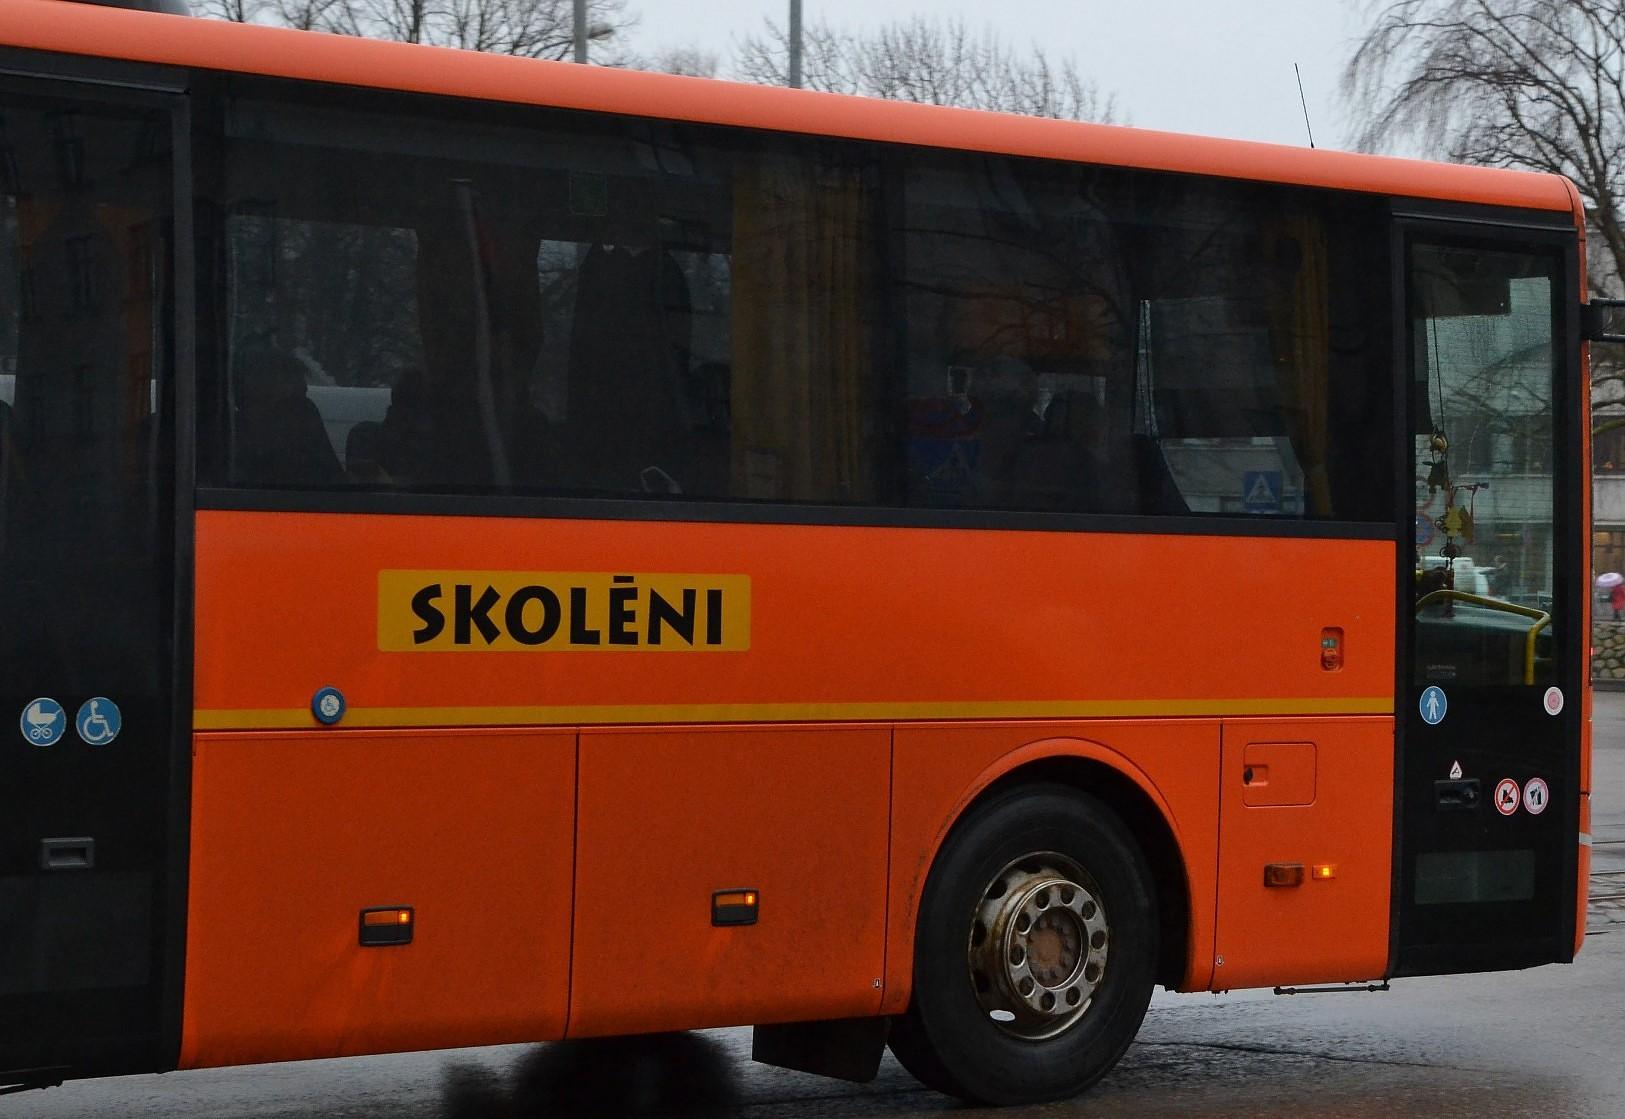 Valsts kontrole konstatē vairākus pārkāpumus saistībā ar skolēnu pārvadājumiem